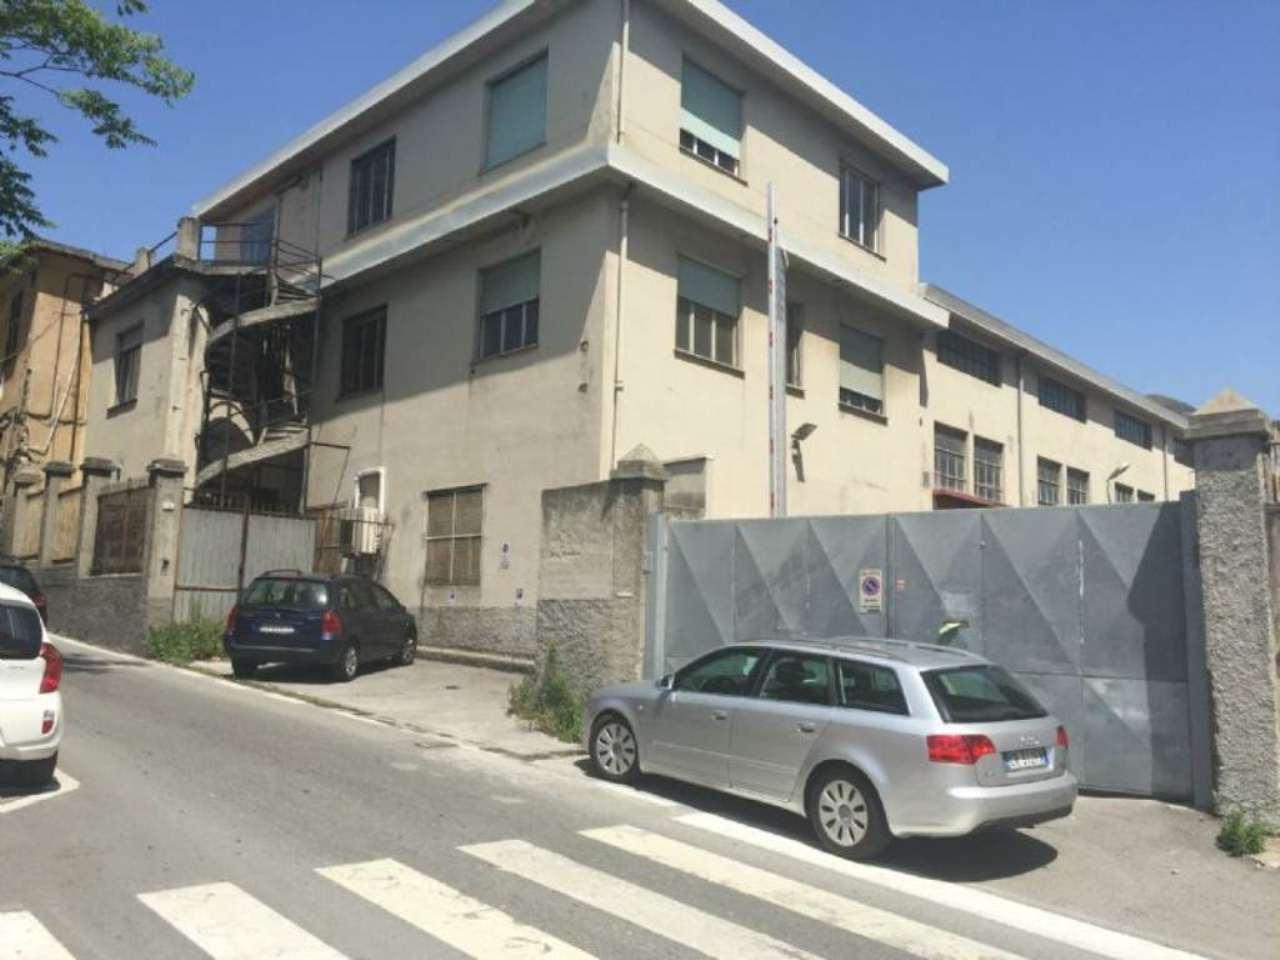 Capannone in vendita a Genova, 9999 locali, zona Zona: 12 . Borzoli, prezzo € 750.000 | Cambio Casa.it